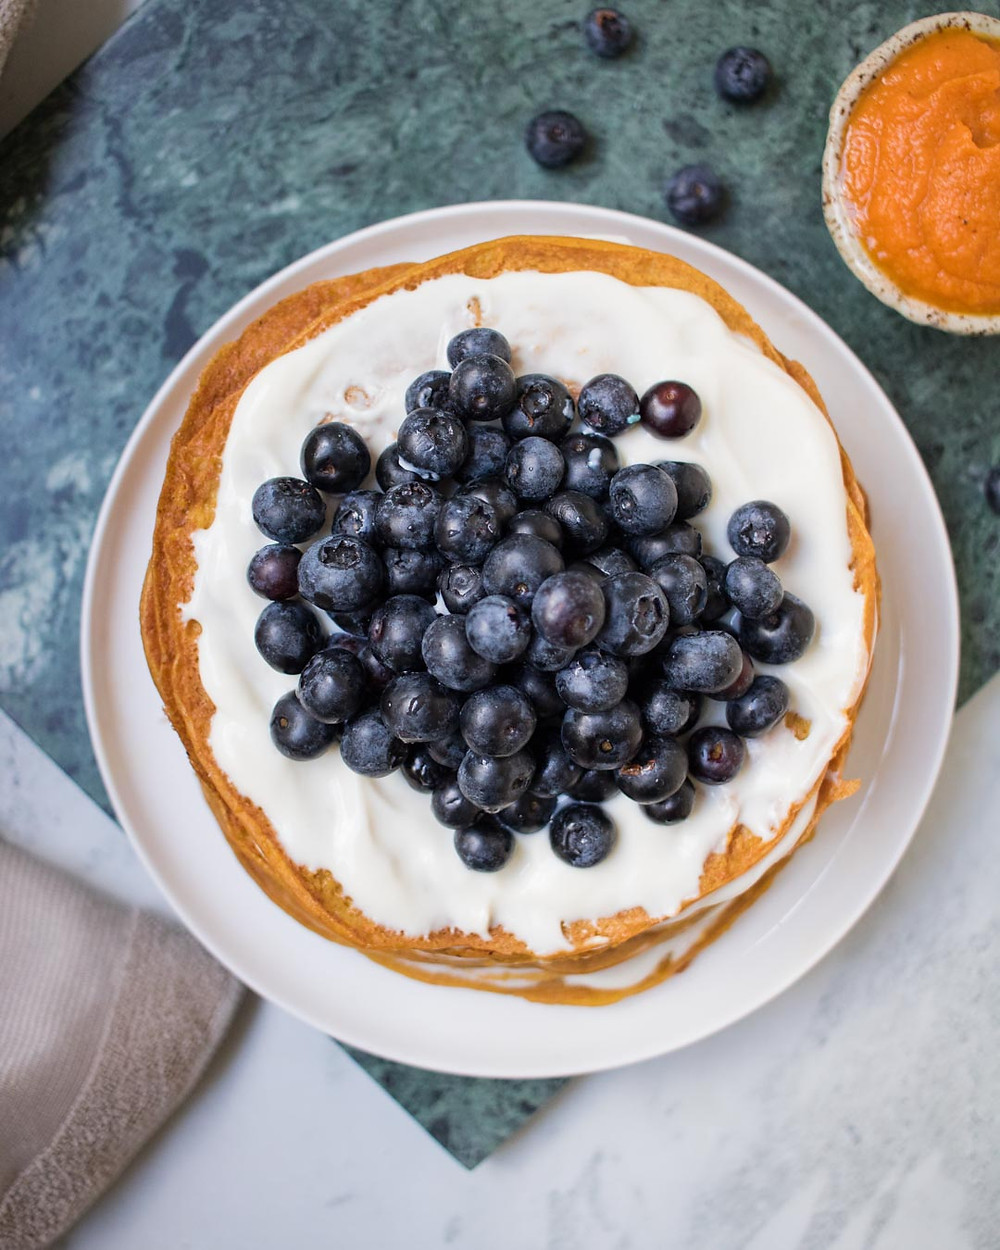 עוגת קרפים עם דלעת ויוגורט טבעוני מקמח כוסמין עוגה טבעונית